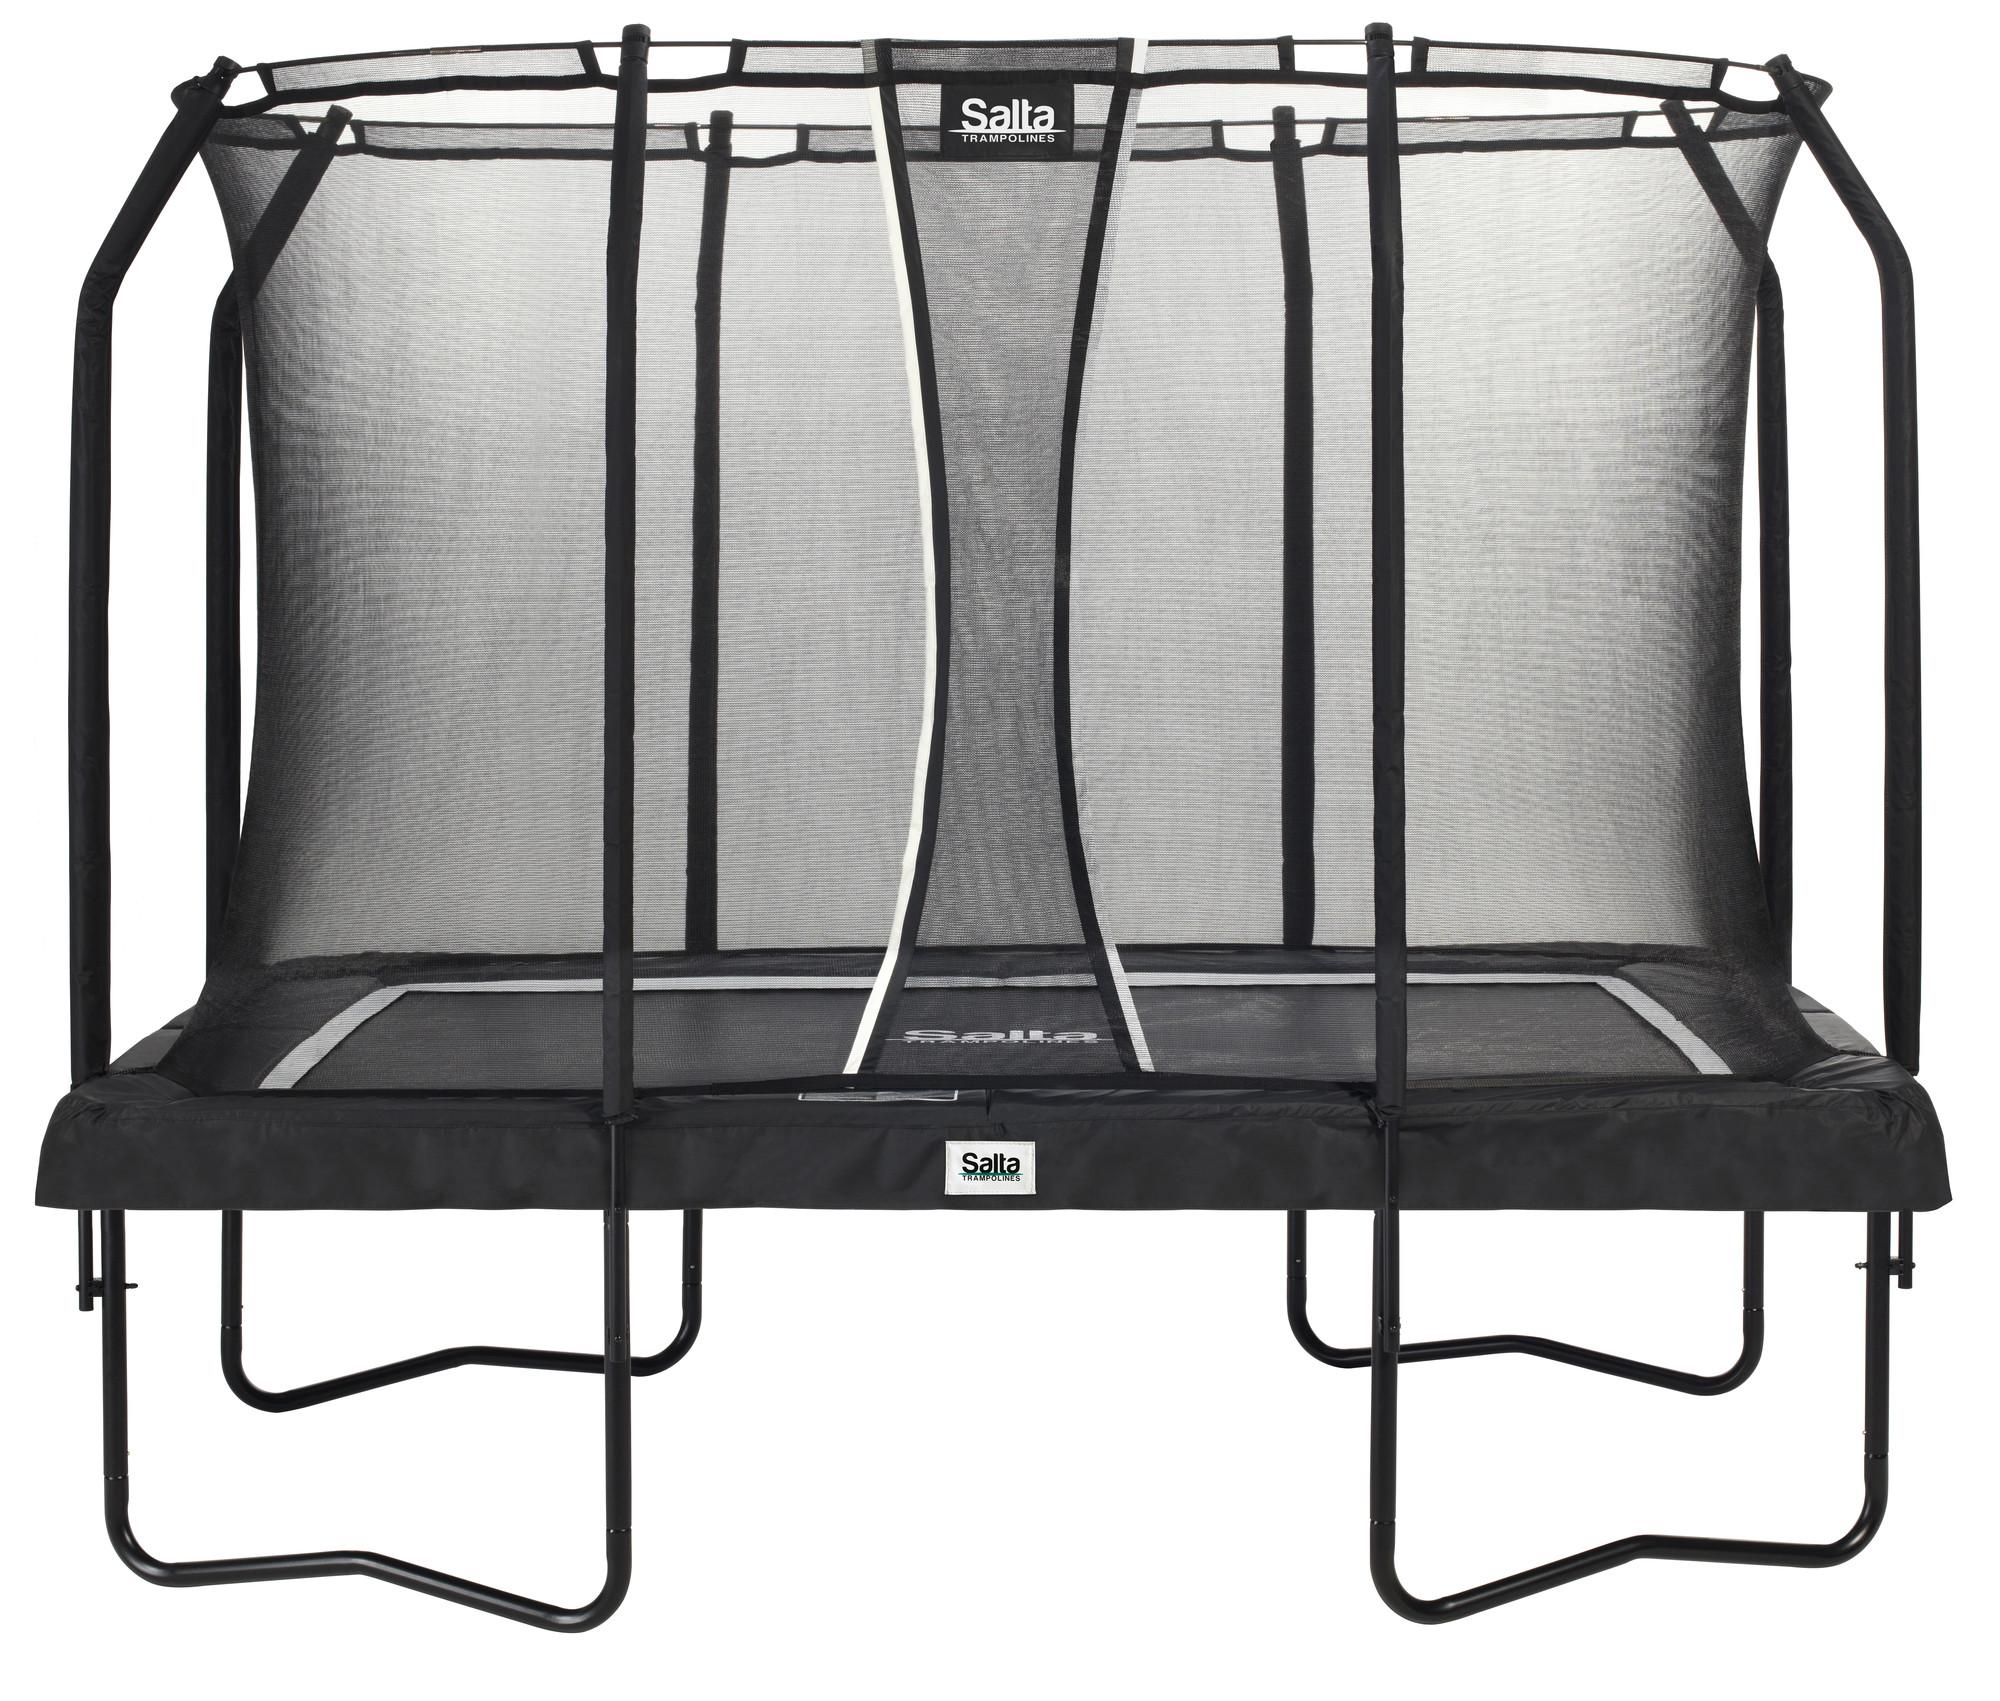 Van Wohi Salta Rechthoekige Trampoline met Veiligheidsnet Premium Black Edition Antraciet 214x305cm (5362) Prijsvergelijk nu!